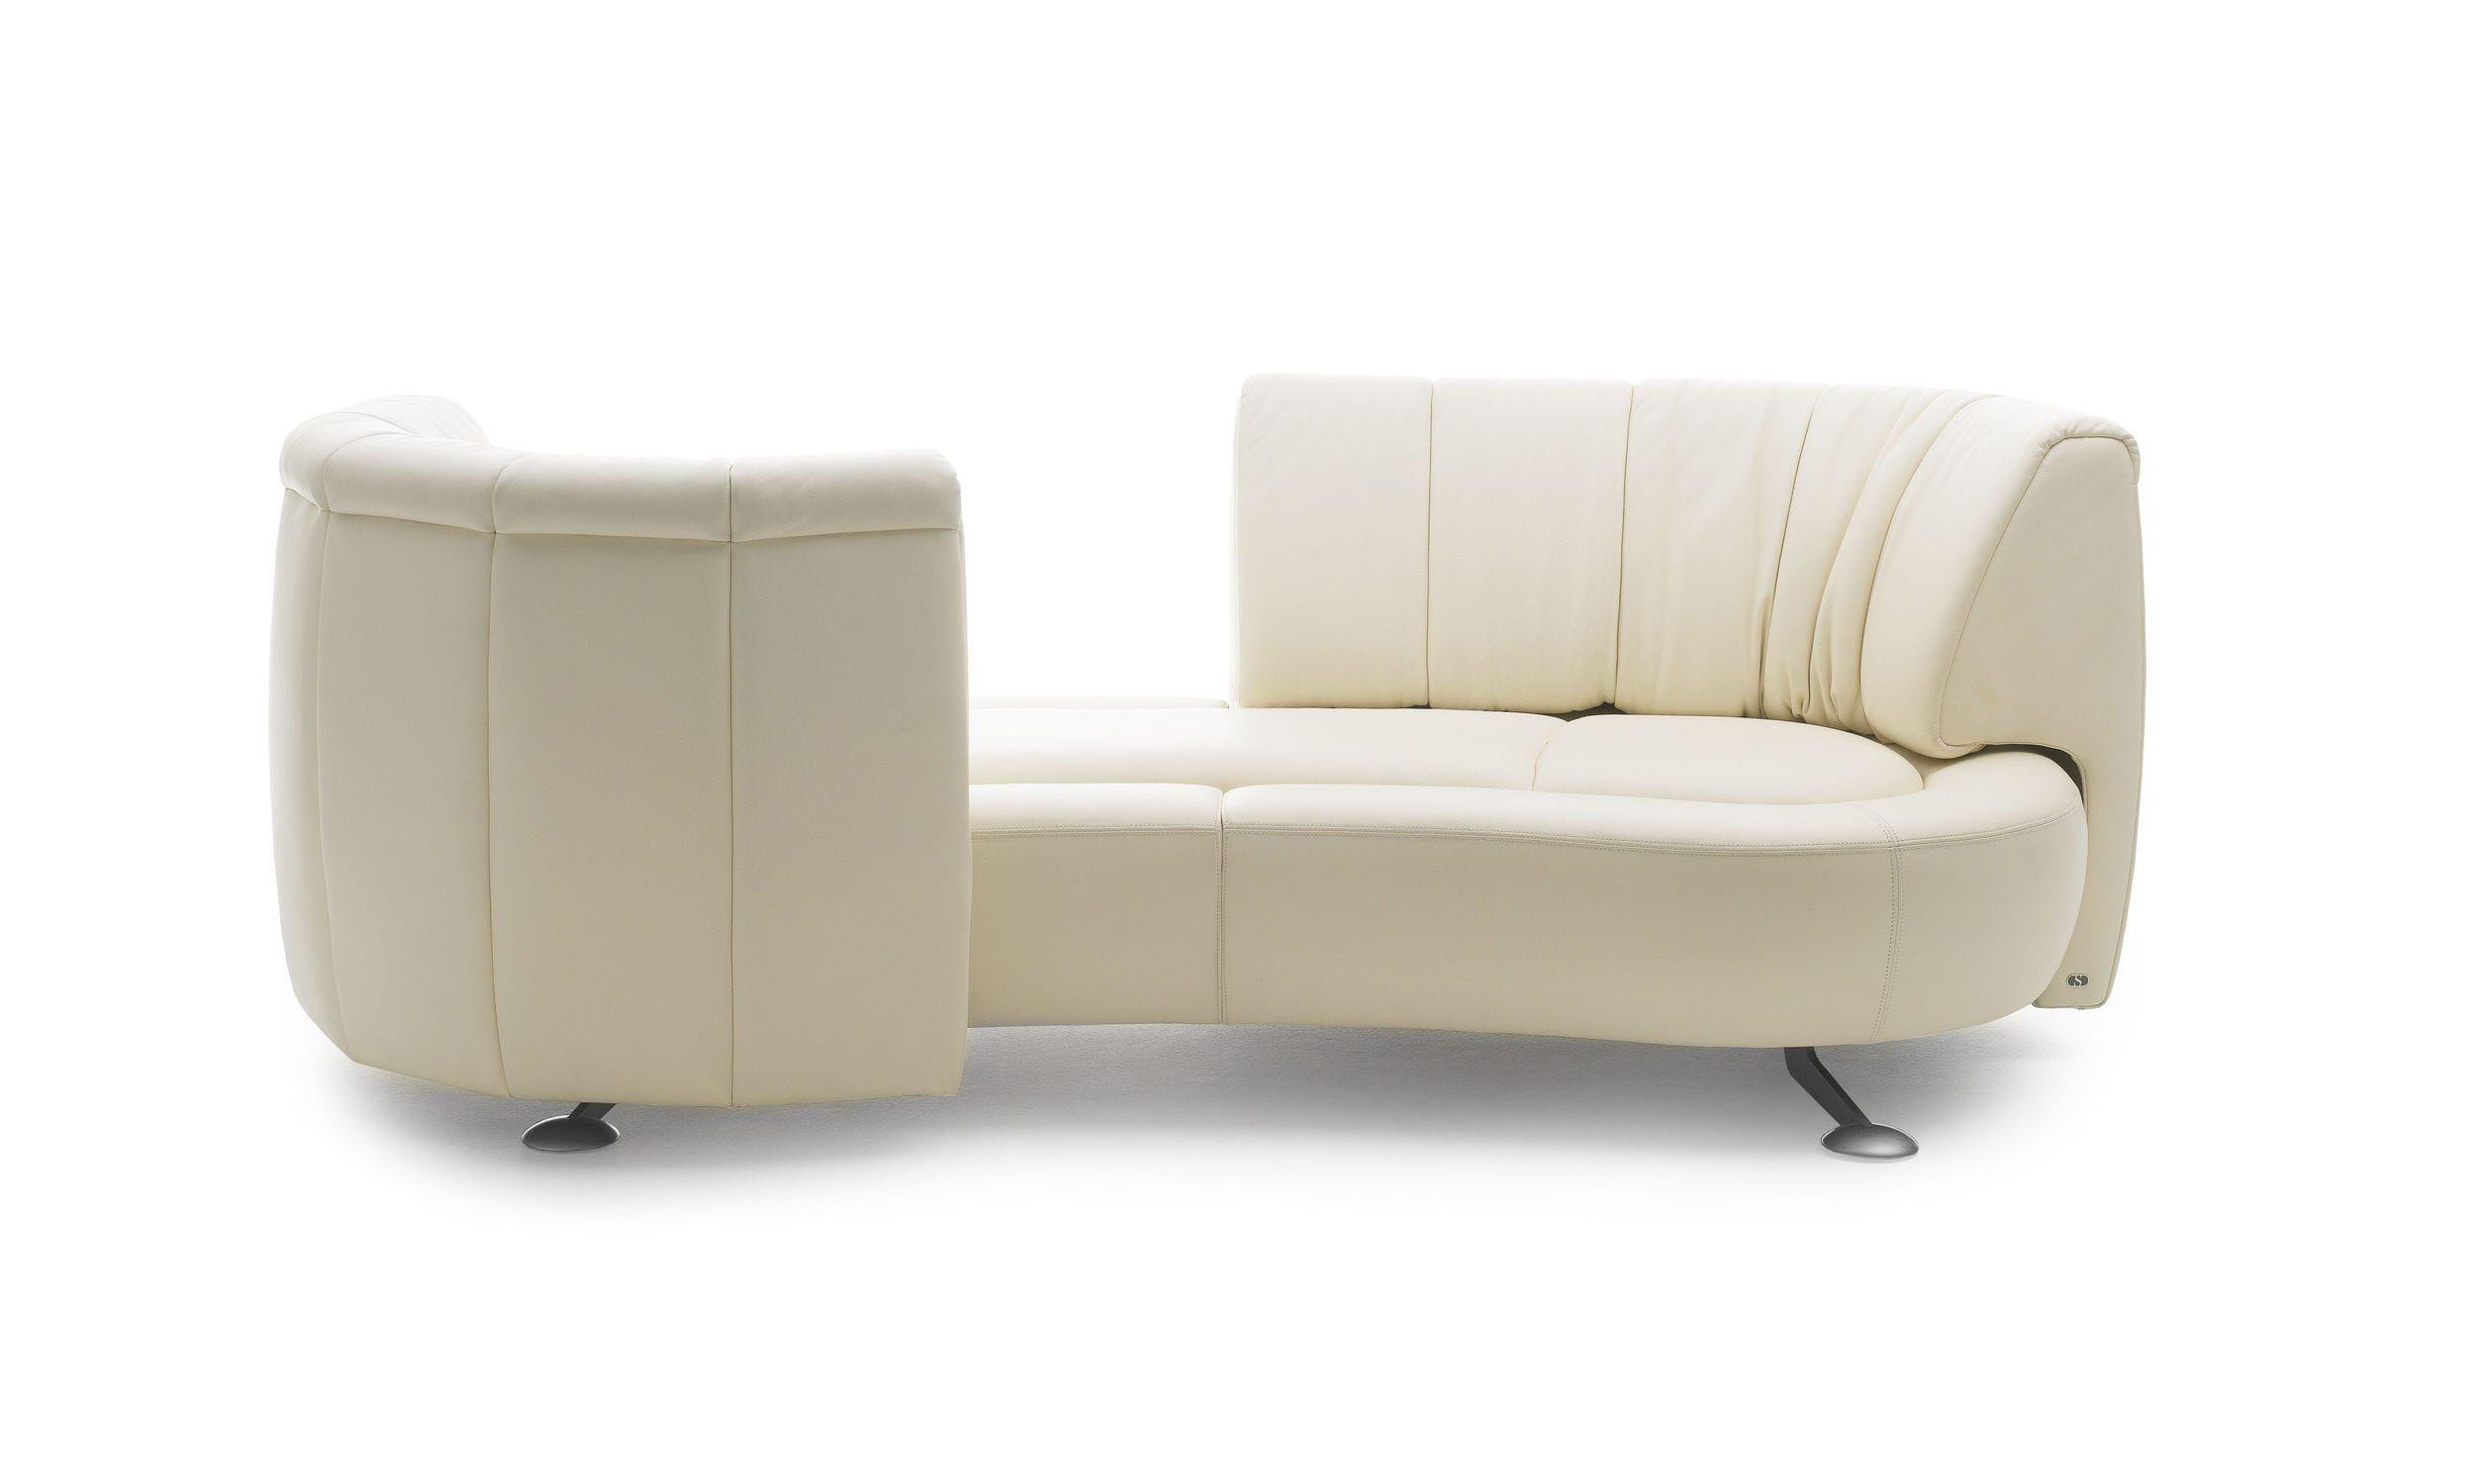 Full Size of Sofa Ebay Samt Klein Im Klassischen Stil Schwarz Rot Ikea Big Couch Modul Modern Leder Ds 164 By Hugo De Erpo Landhausstil Rolf Benz Barock 3er Mega Sofa Halbrundes Sofa